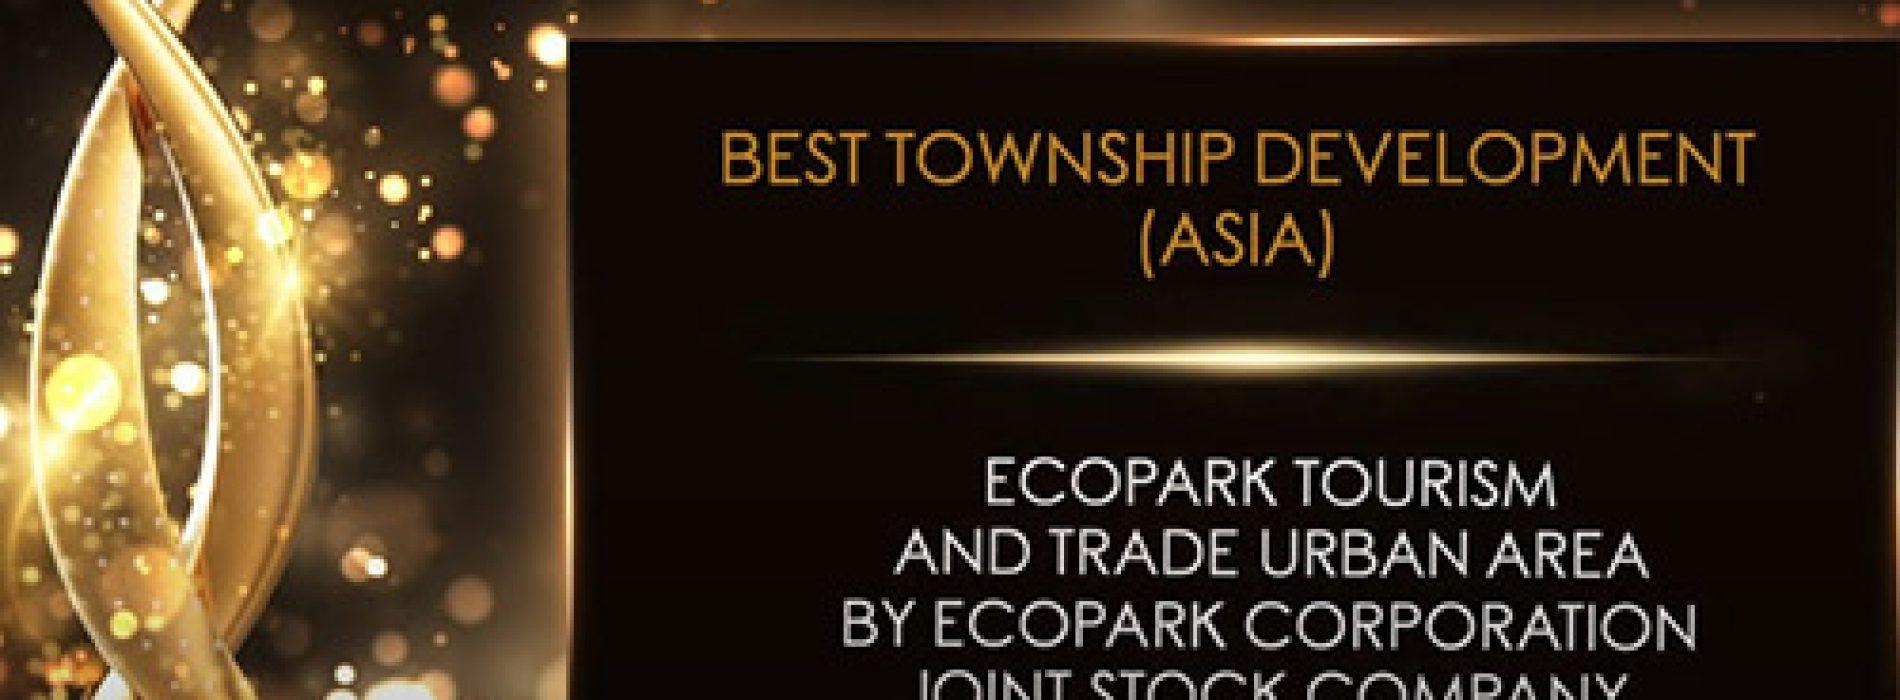 Việt Nam thắng 3 giải quan trọng tại chung kết giải thưởng bất động sản Châu Á lần thứ 15